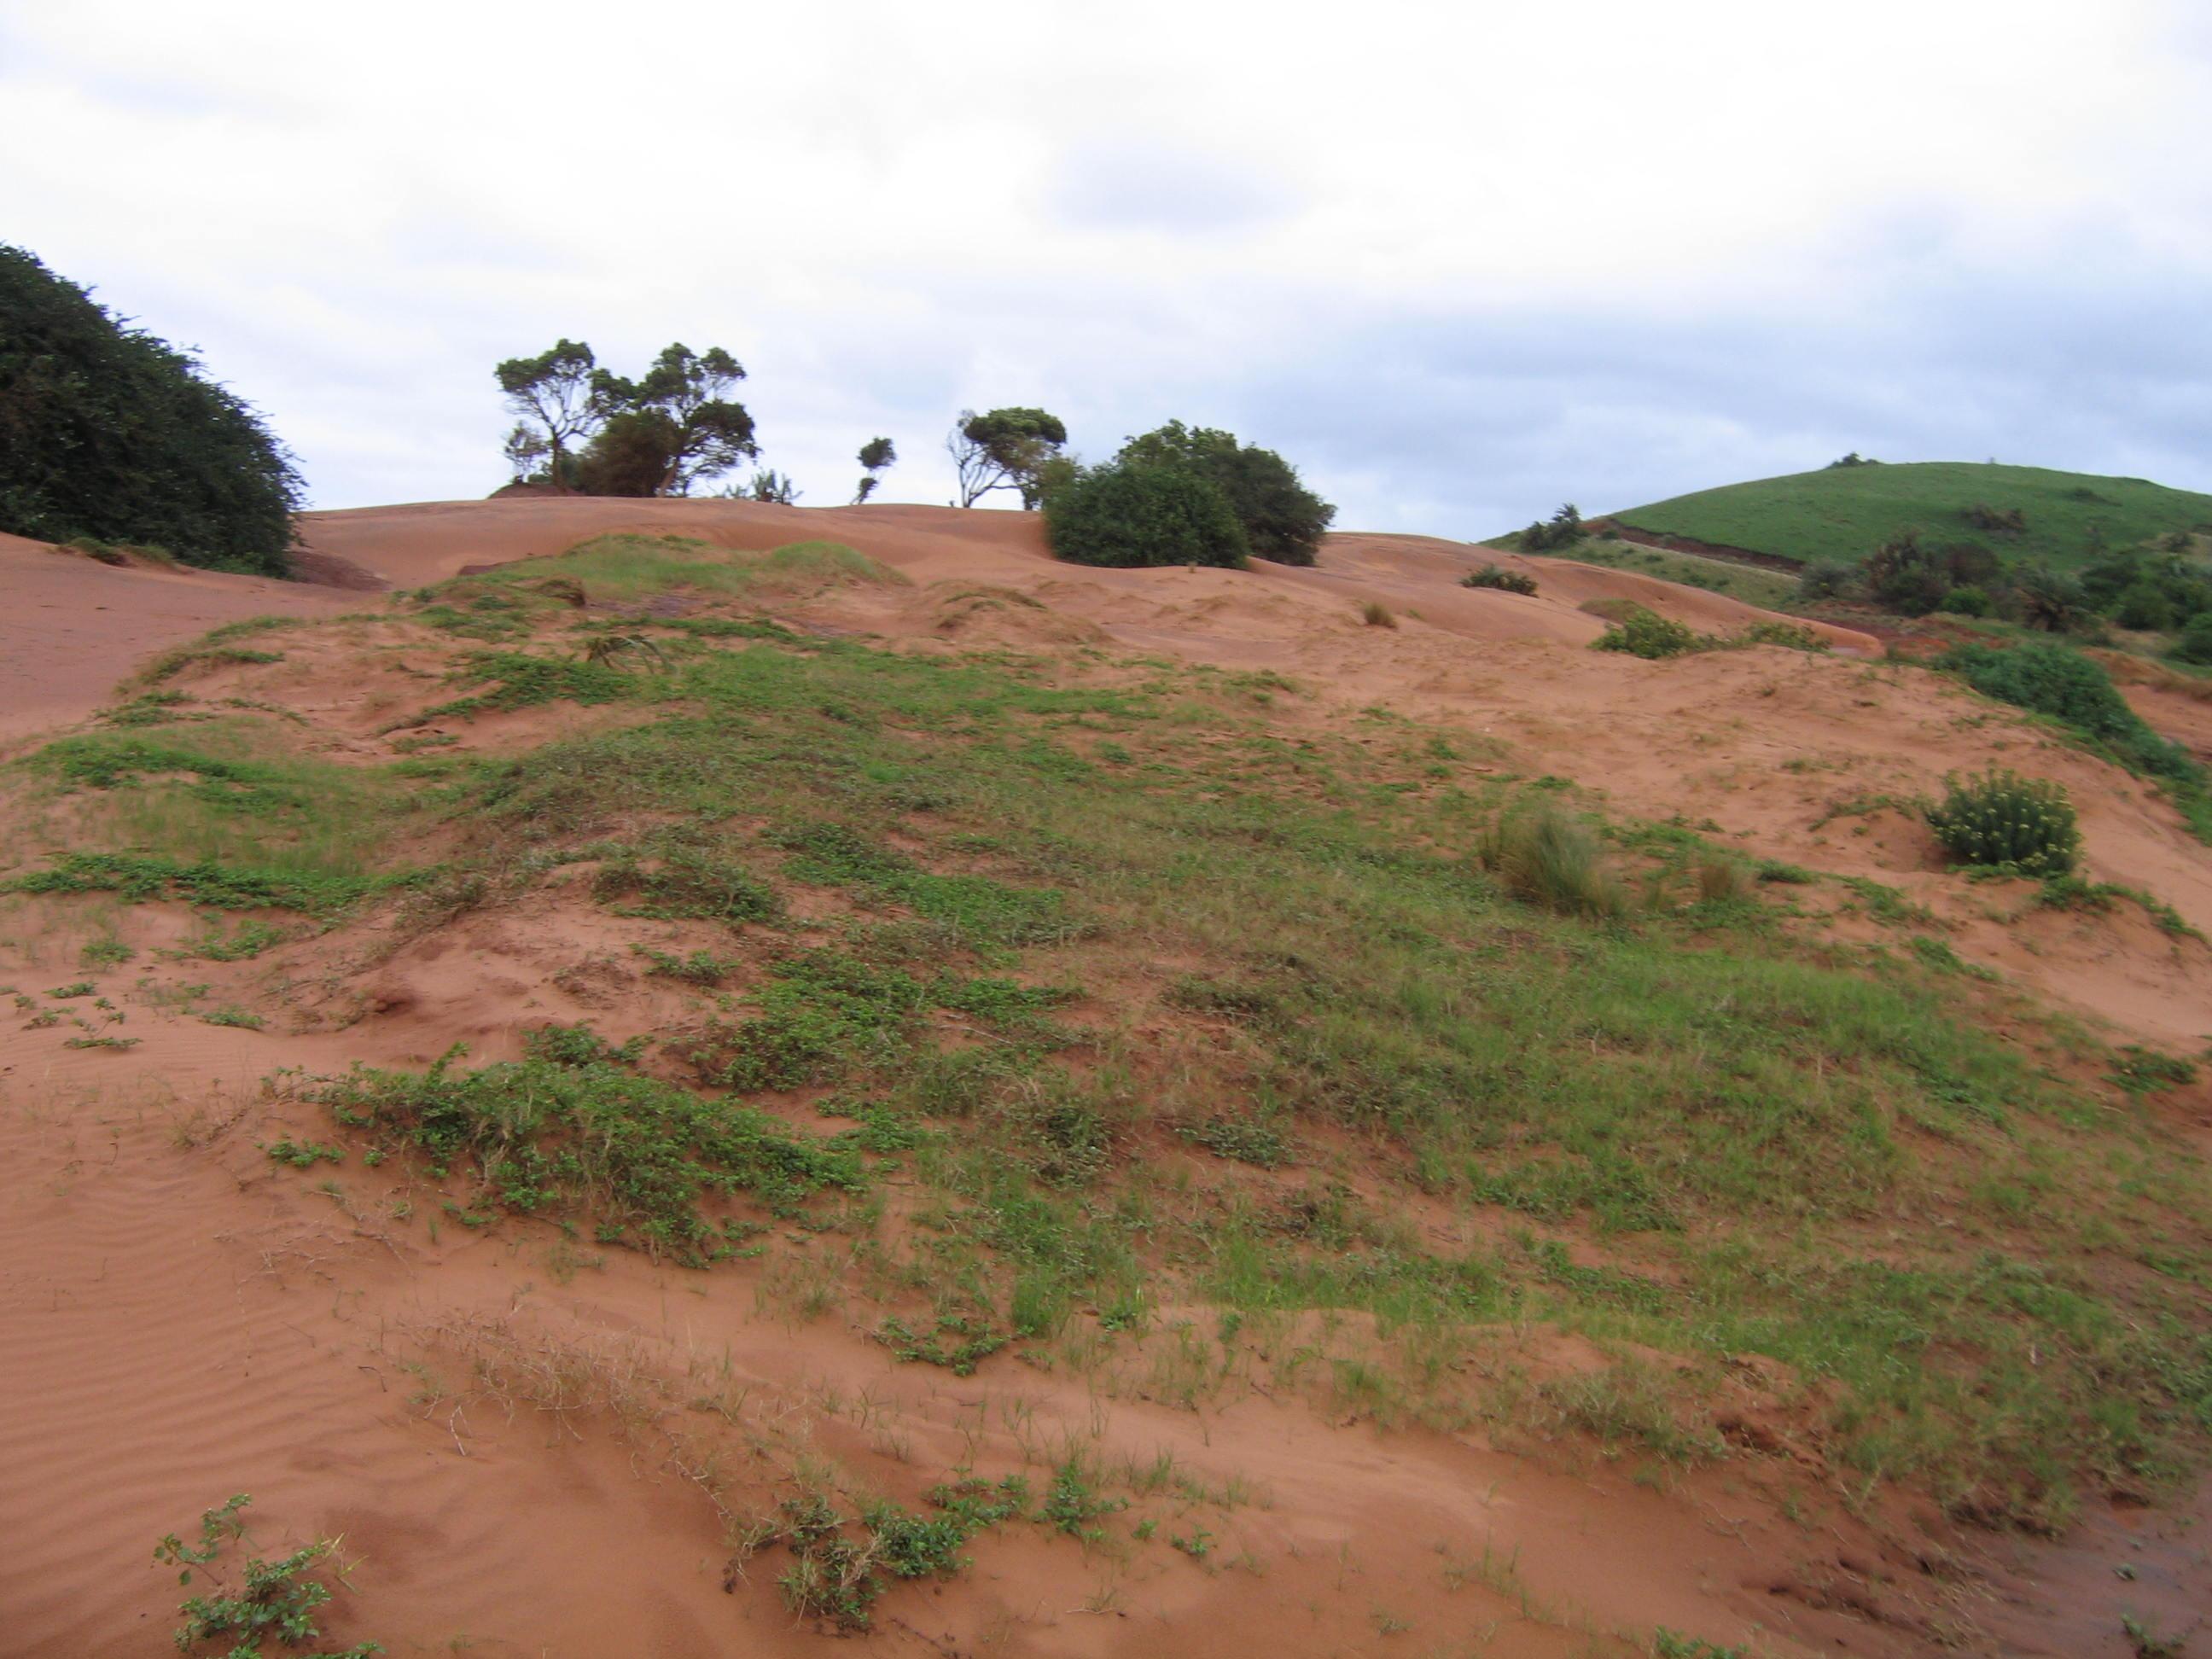 Dunes de sable rouge dans la wild coast